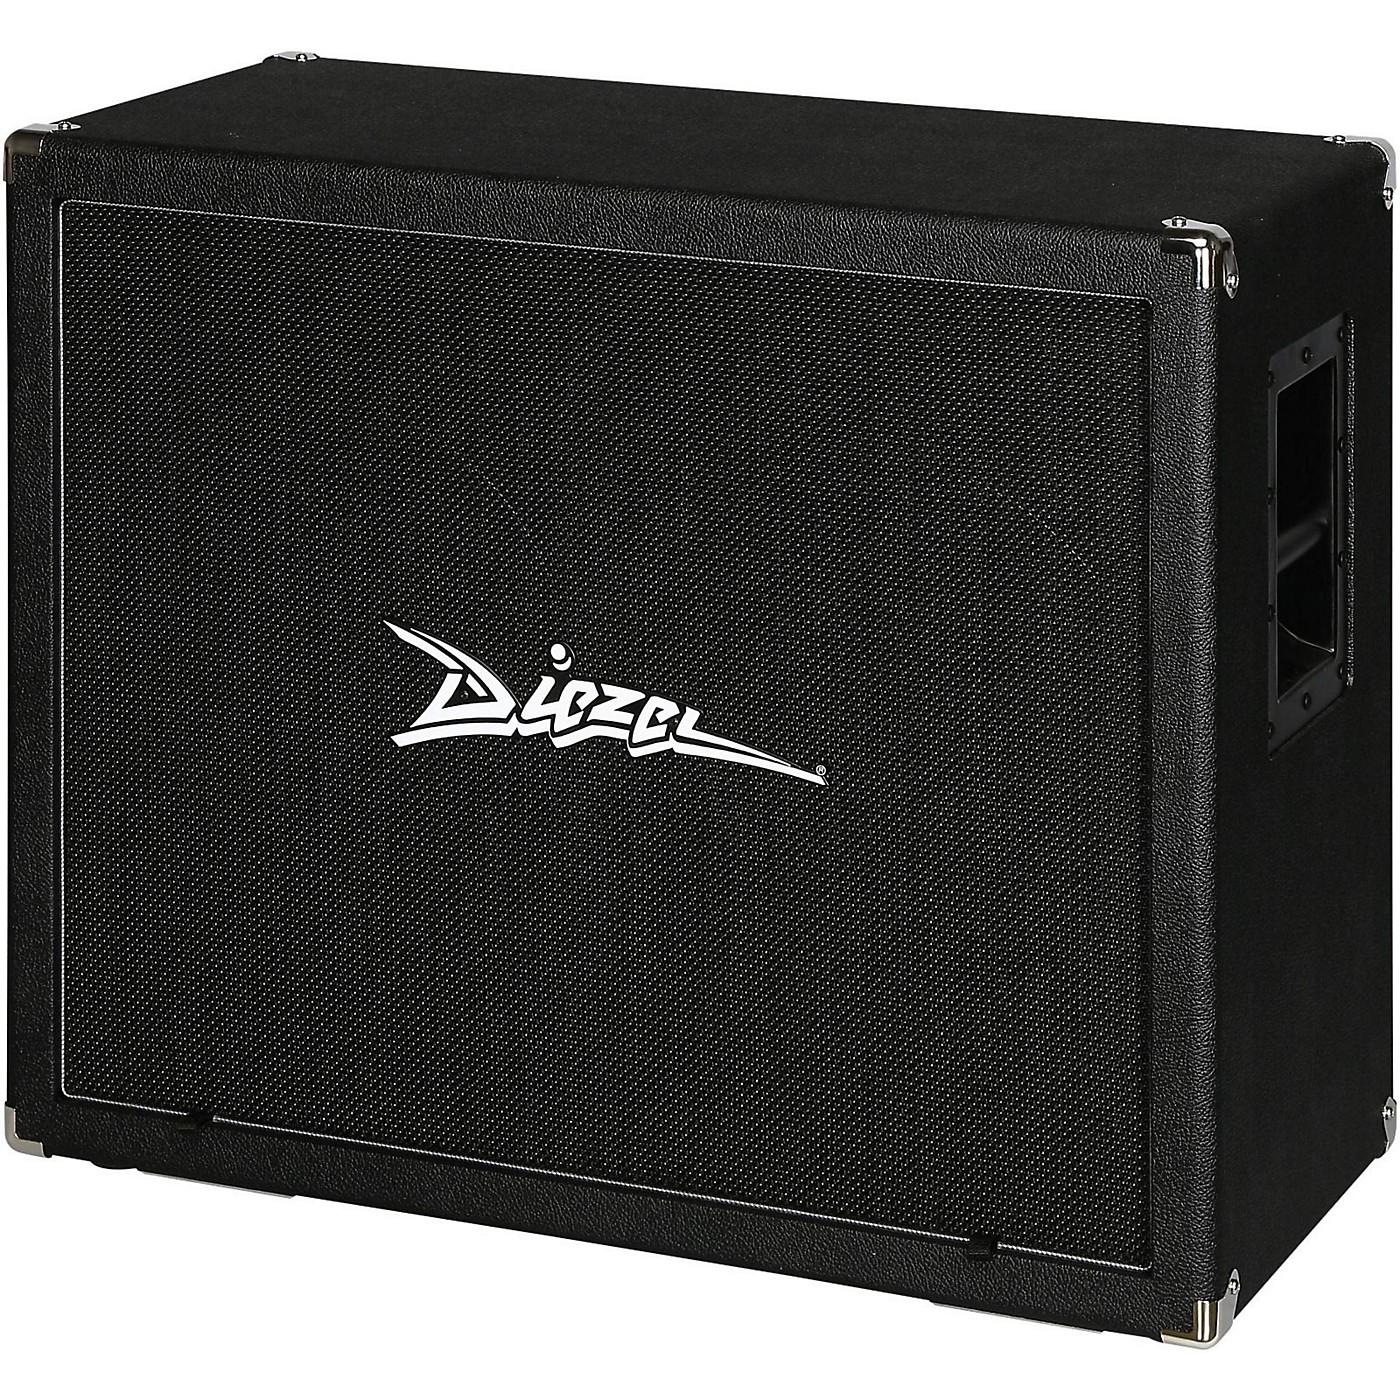 Diezel 212FK 200W 2x12 Front-Loaded Guitar Speaker Cabinet thumbnail